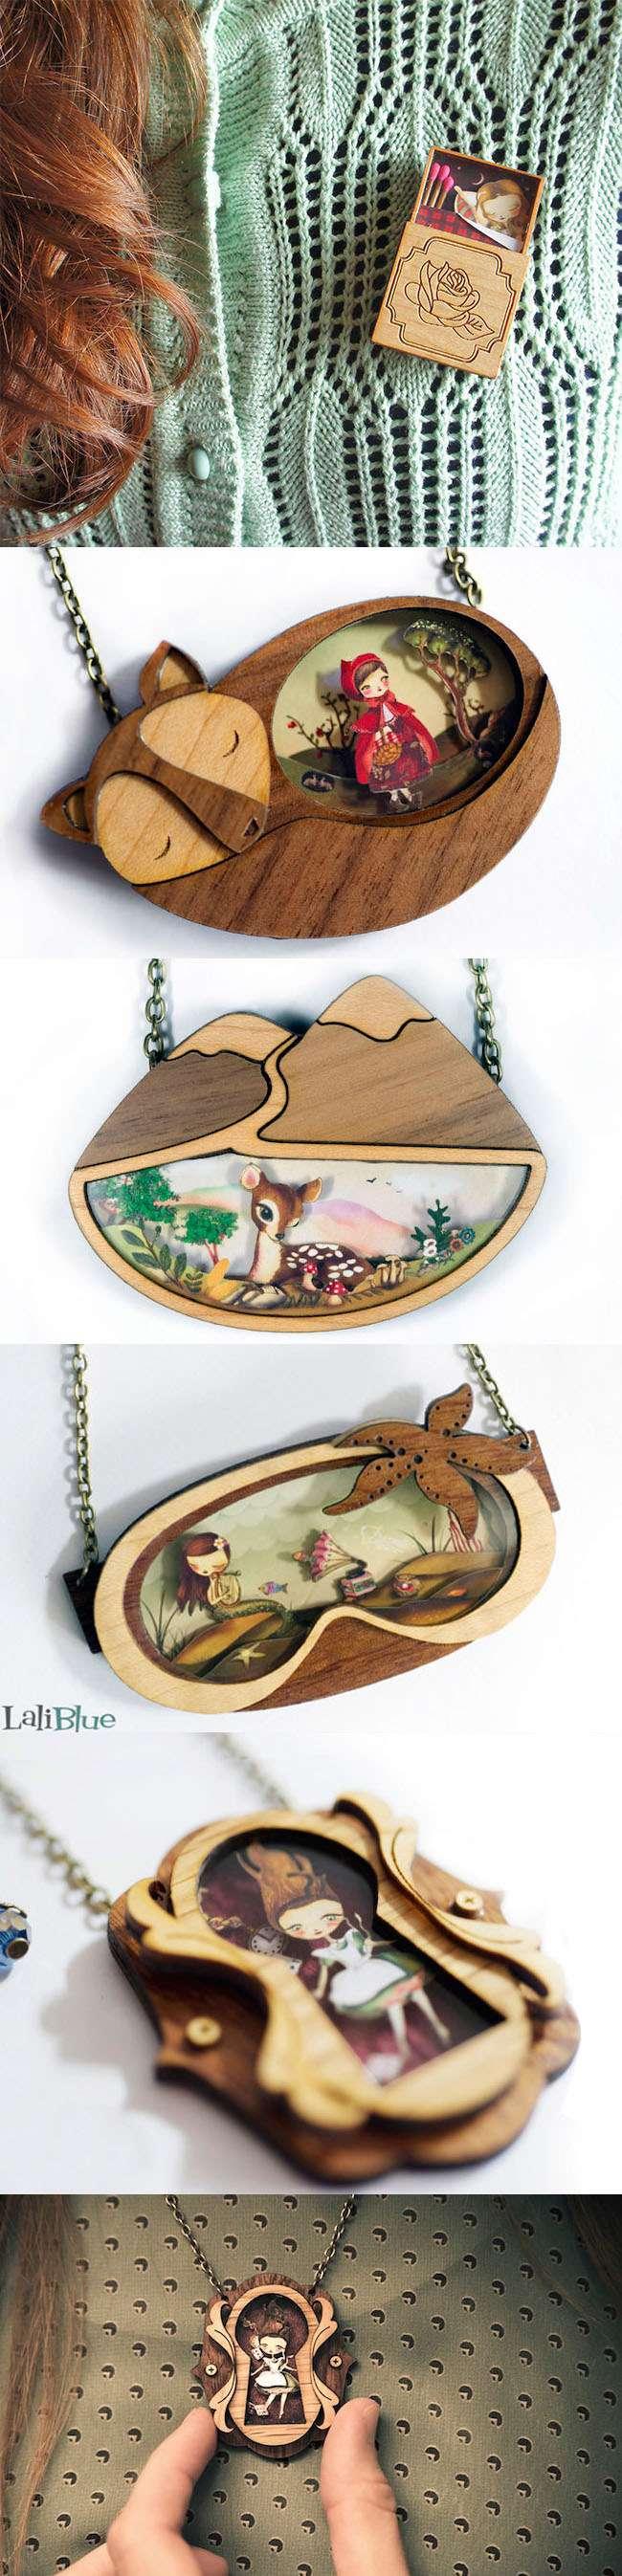 Designer cria joias de madeira e resina com cenas inspiradas nos contos de fadas stylo urbano